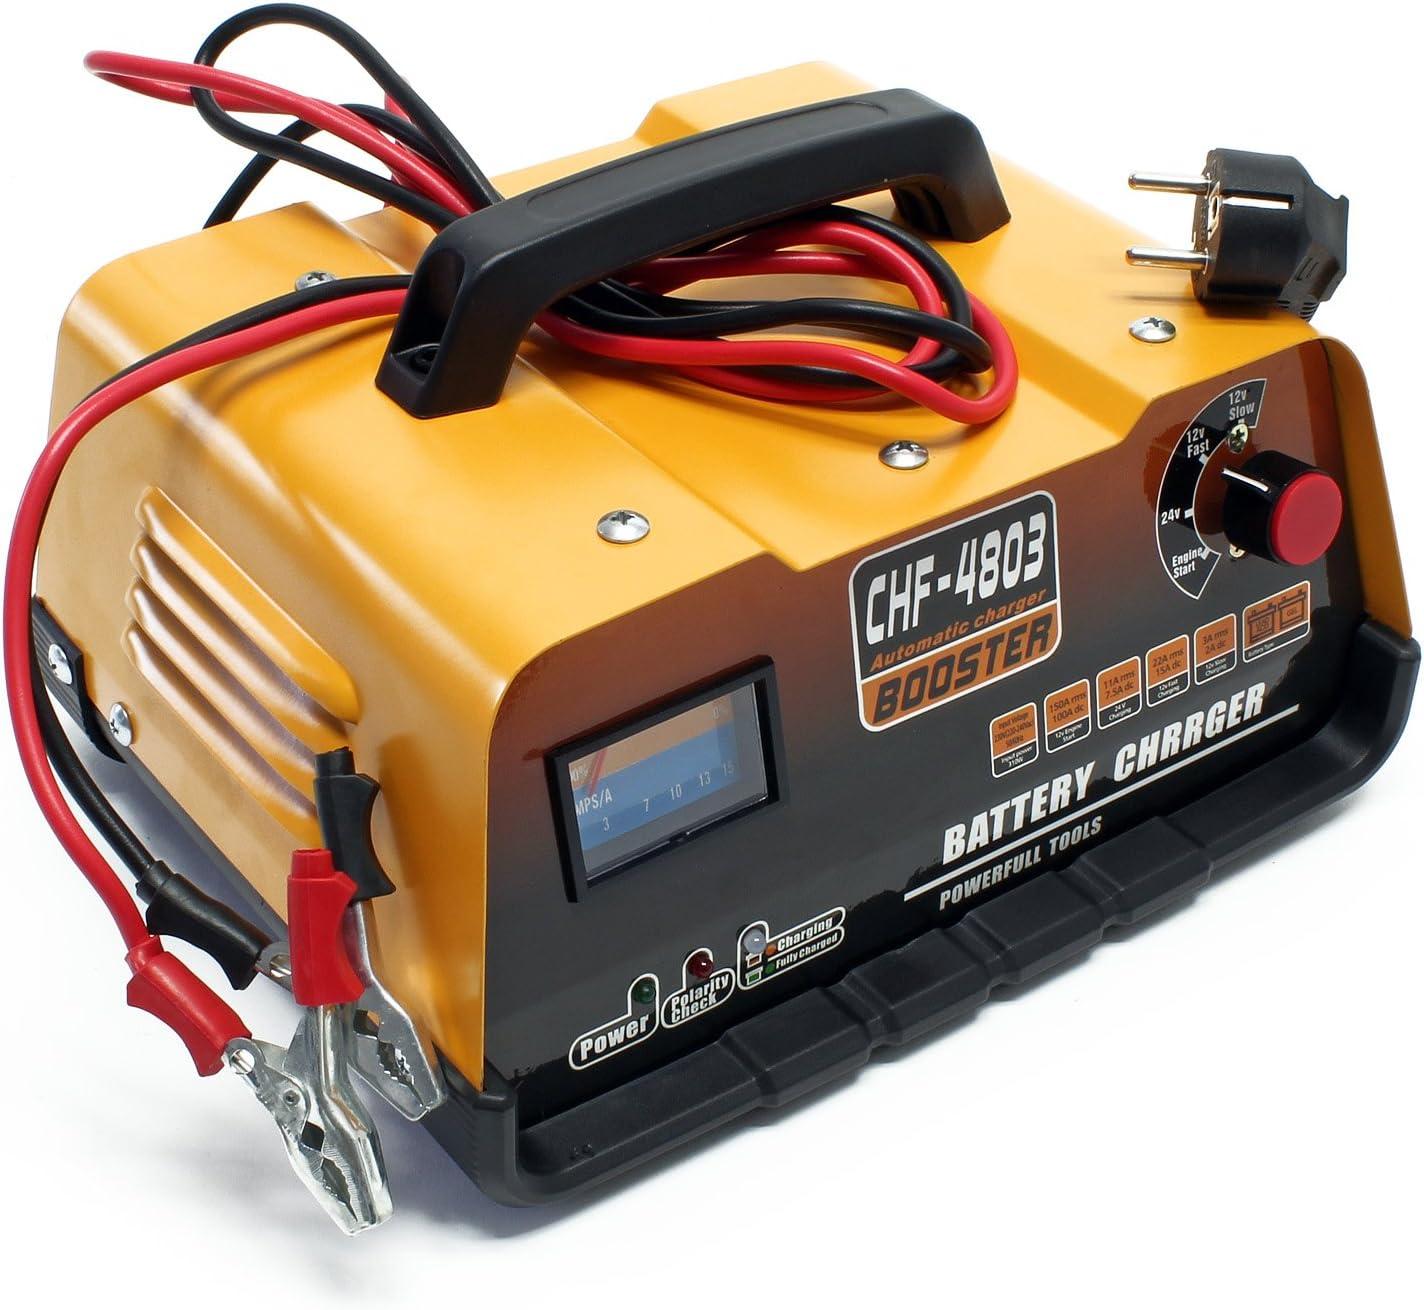 Cargador Batería Vehiculos 12V/ 24V Cargador Bateria Coche Funcion Arranque Rapido Amperimetro